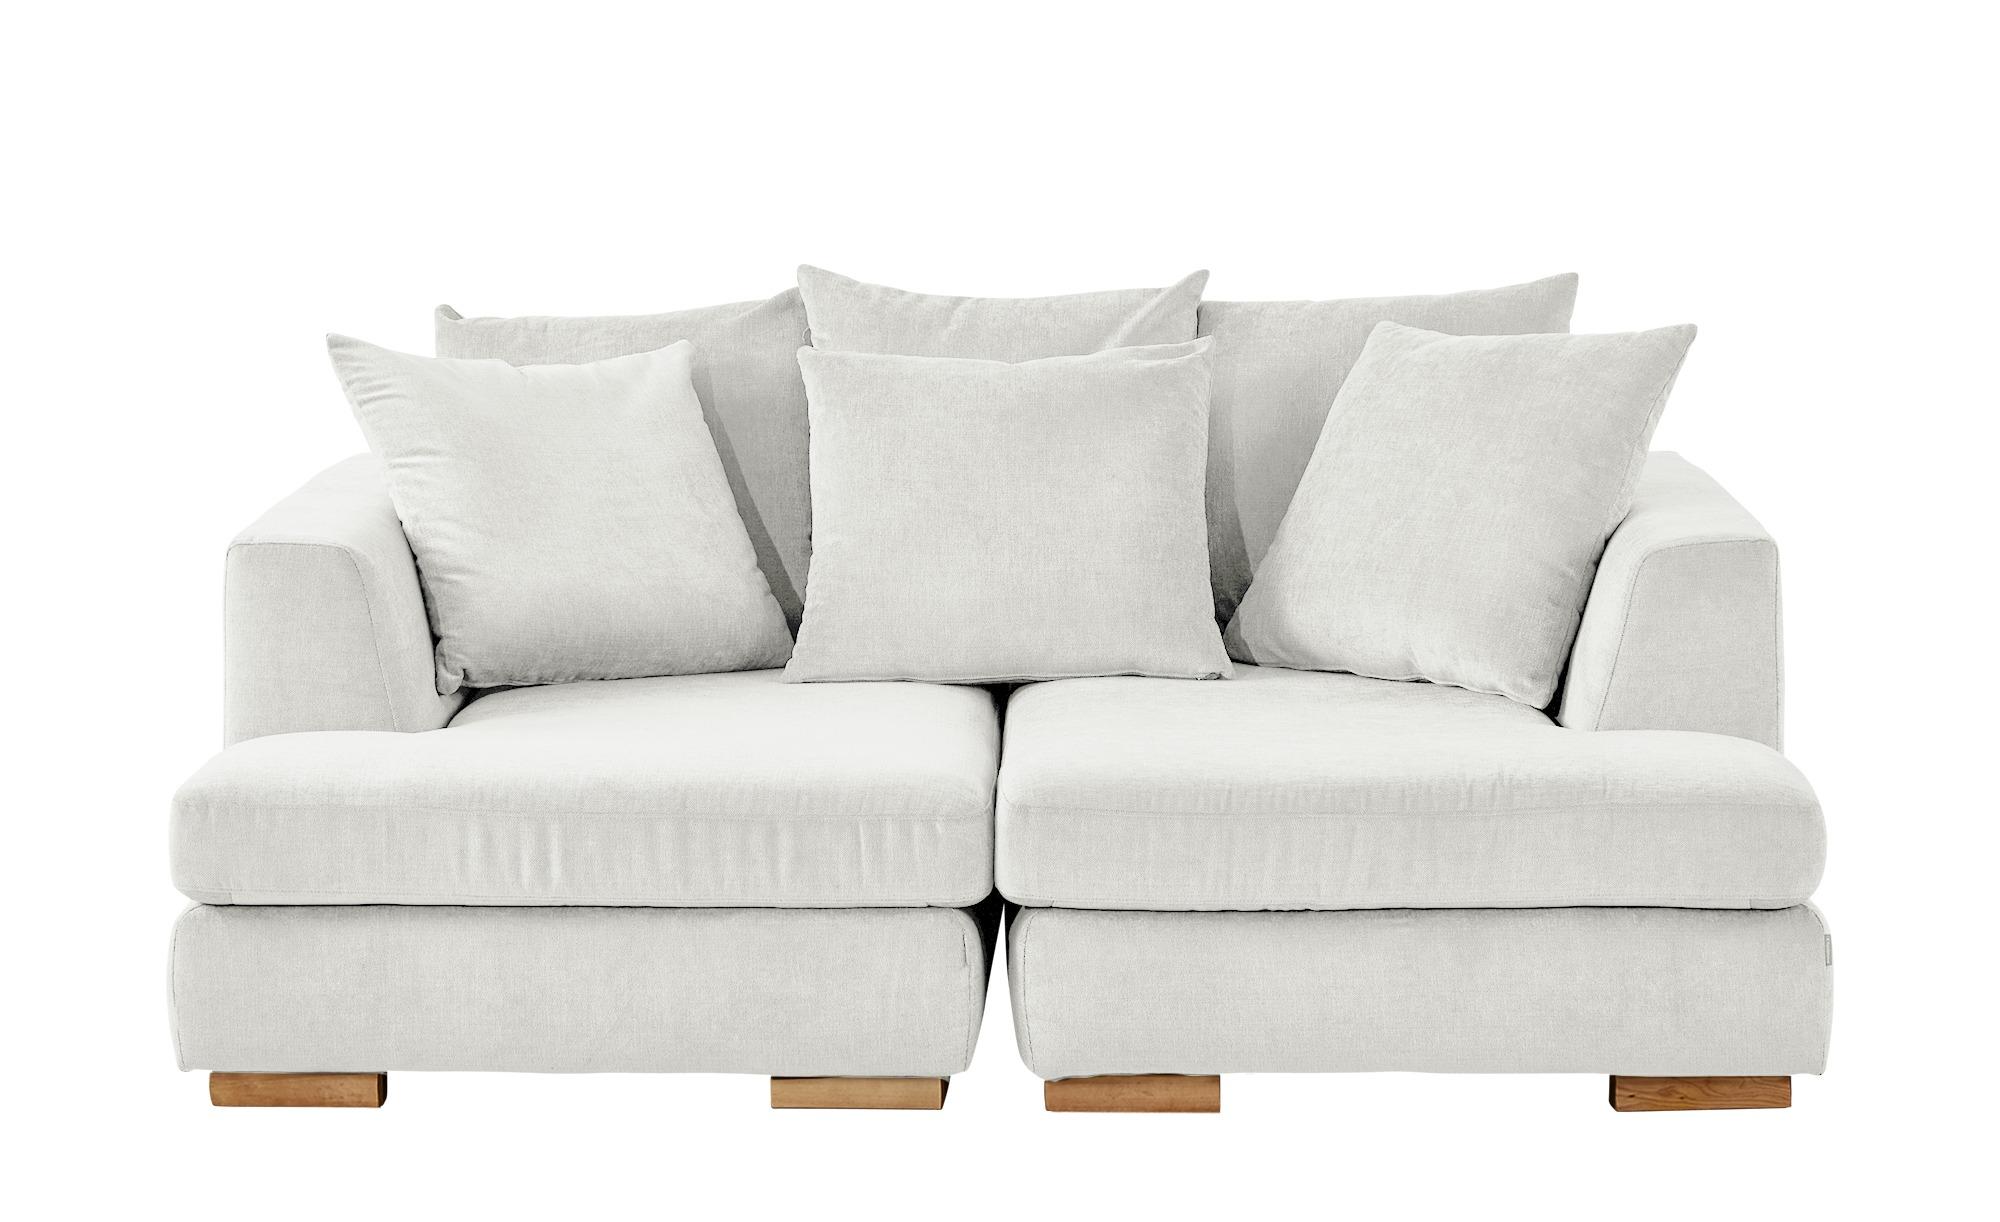 Ecksofa Bestellen Gunstige Schlafsofas Unter 100 Euro Billige Couch Best Design Sofa Bed Gunstige Eckso Kleines Sofa Big Sofa Kaufen Schlafsofa Gunstig